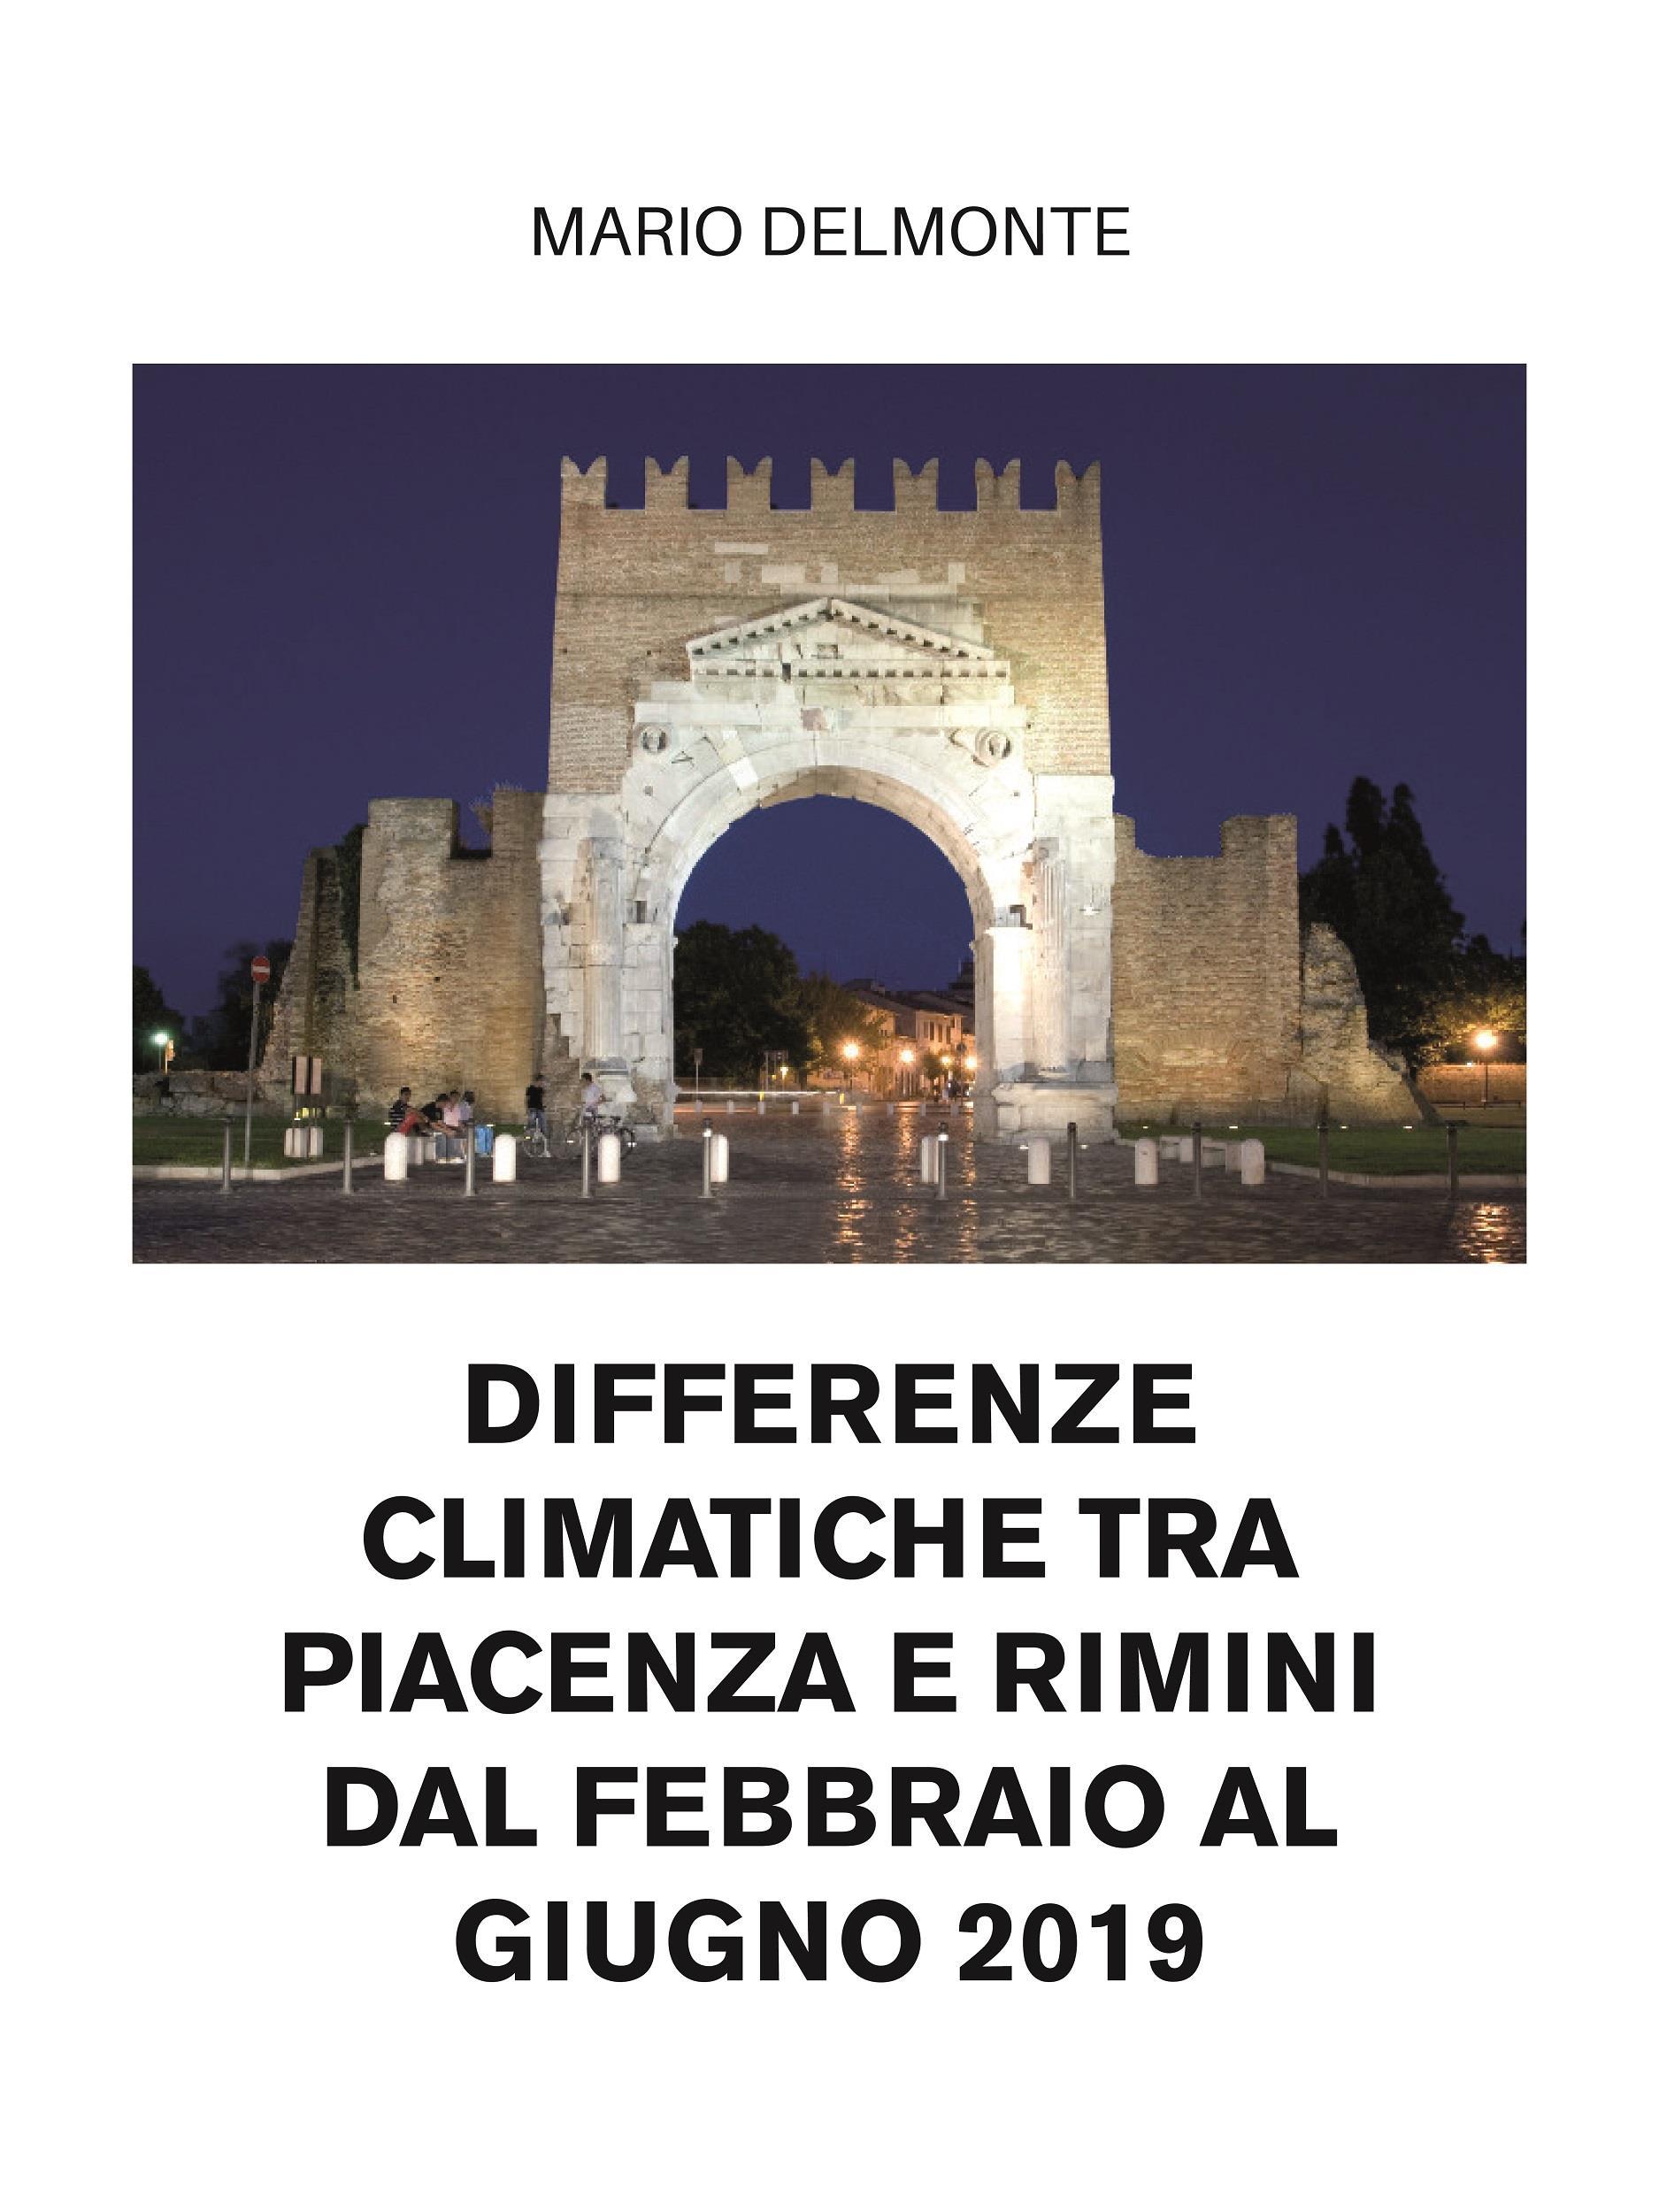 Differenze climatiche tra Piacenza e Rimini dal febbraio al giugno 2019